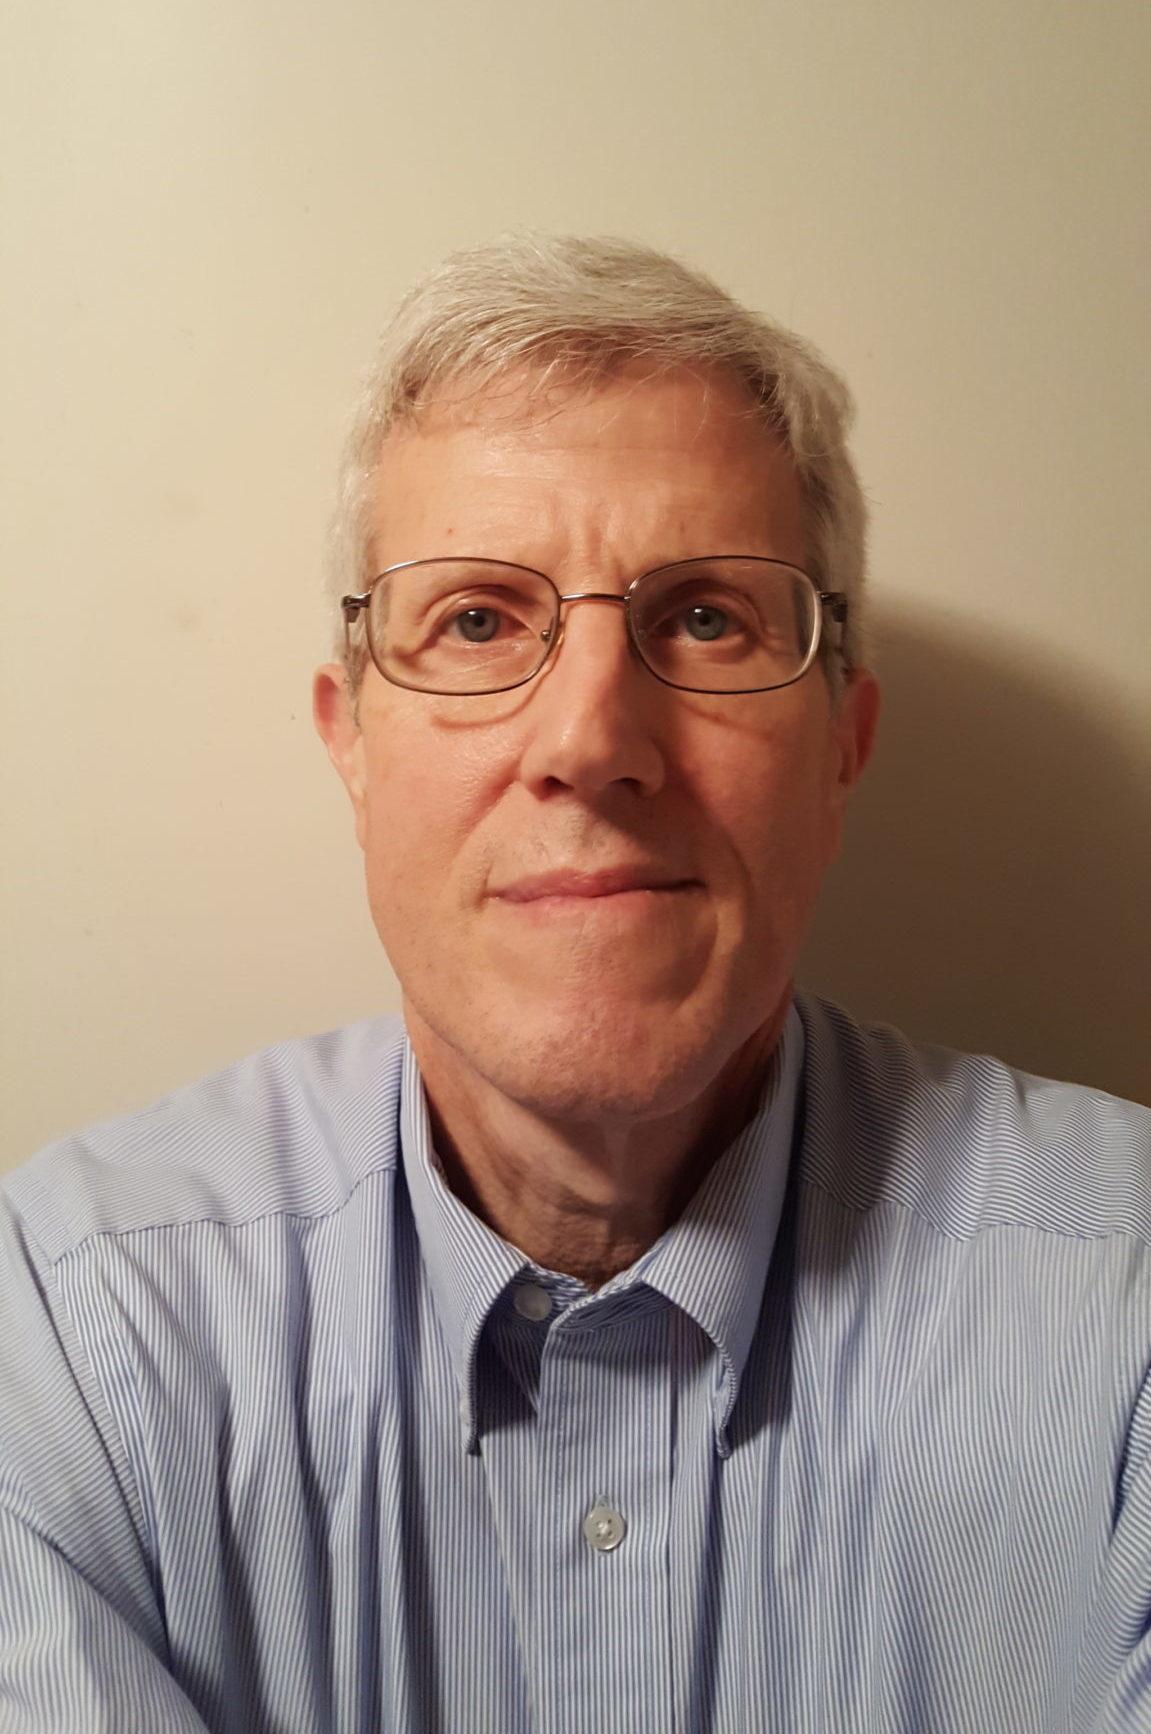 Jim Pratte